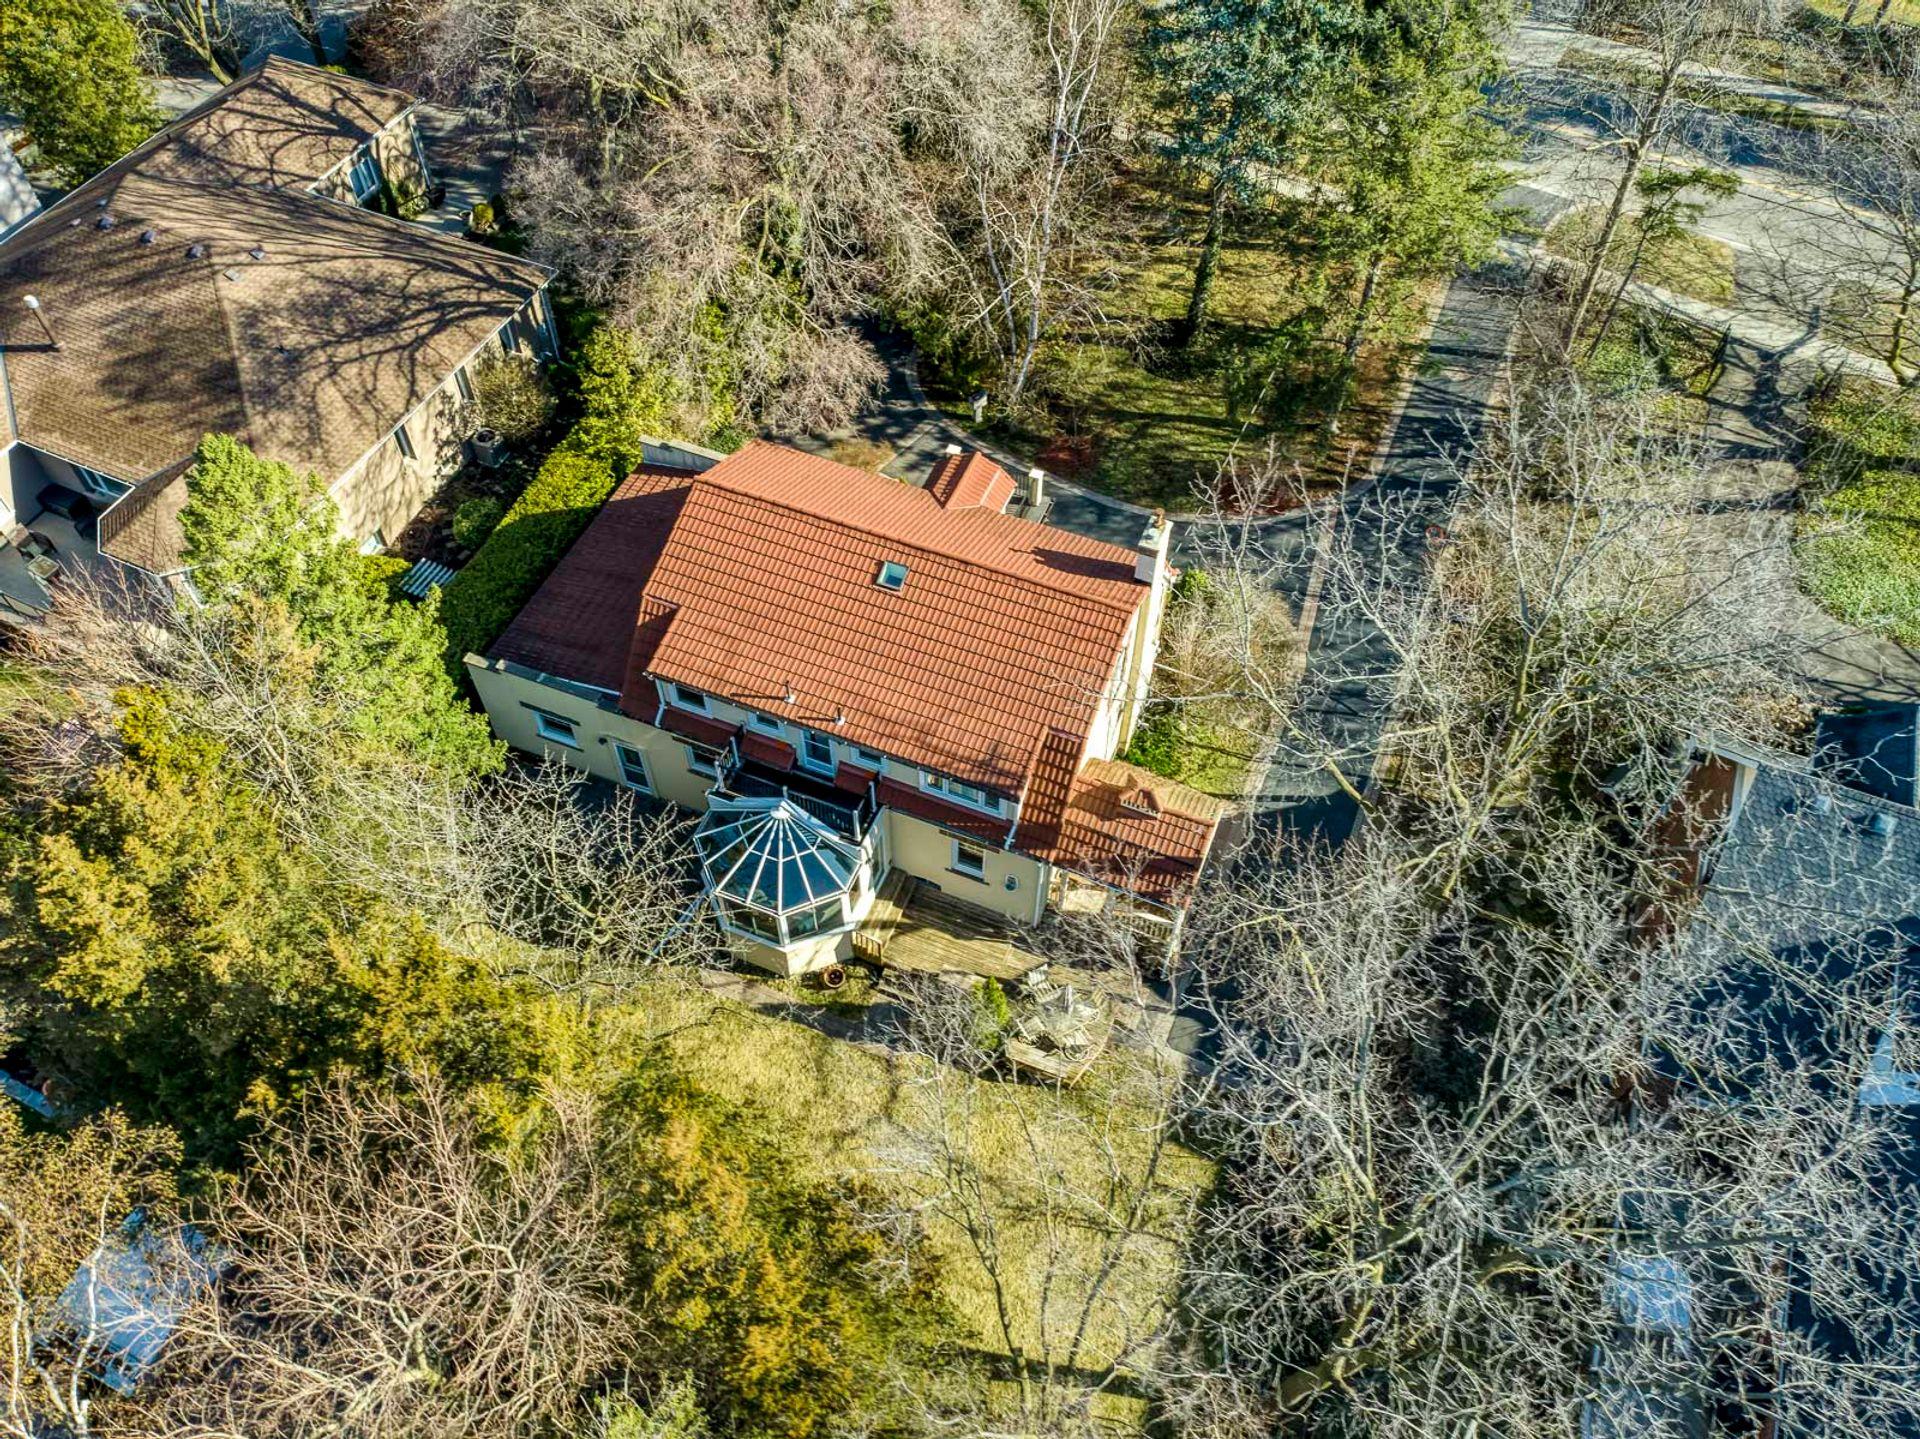 Backyard - 398 Maple Grove Dr, Oakville - Elite3 & Team at 398 Maple Grove Drive, Eastlake, Oakville